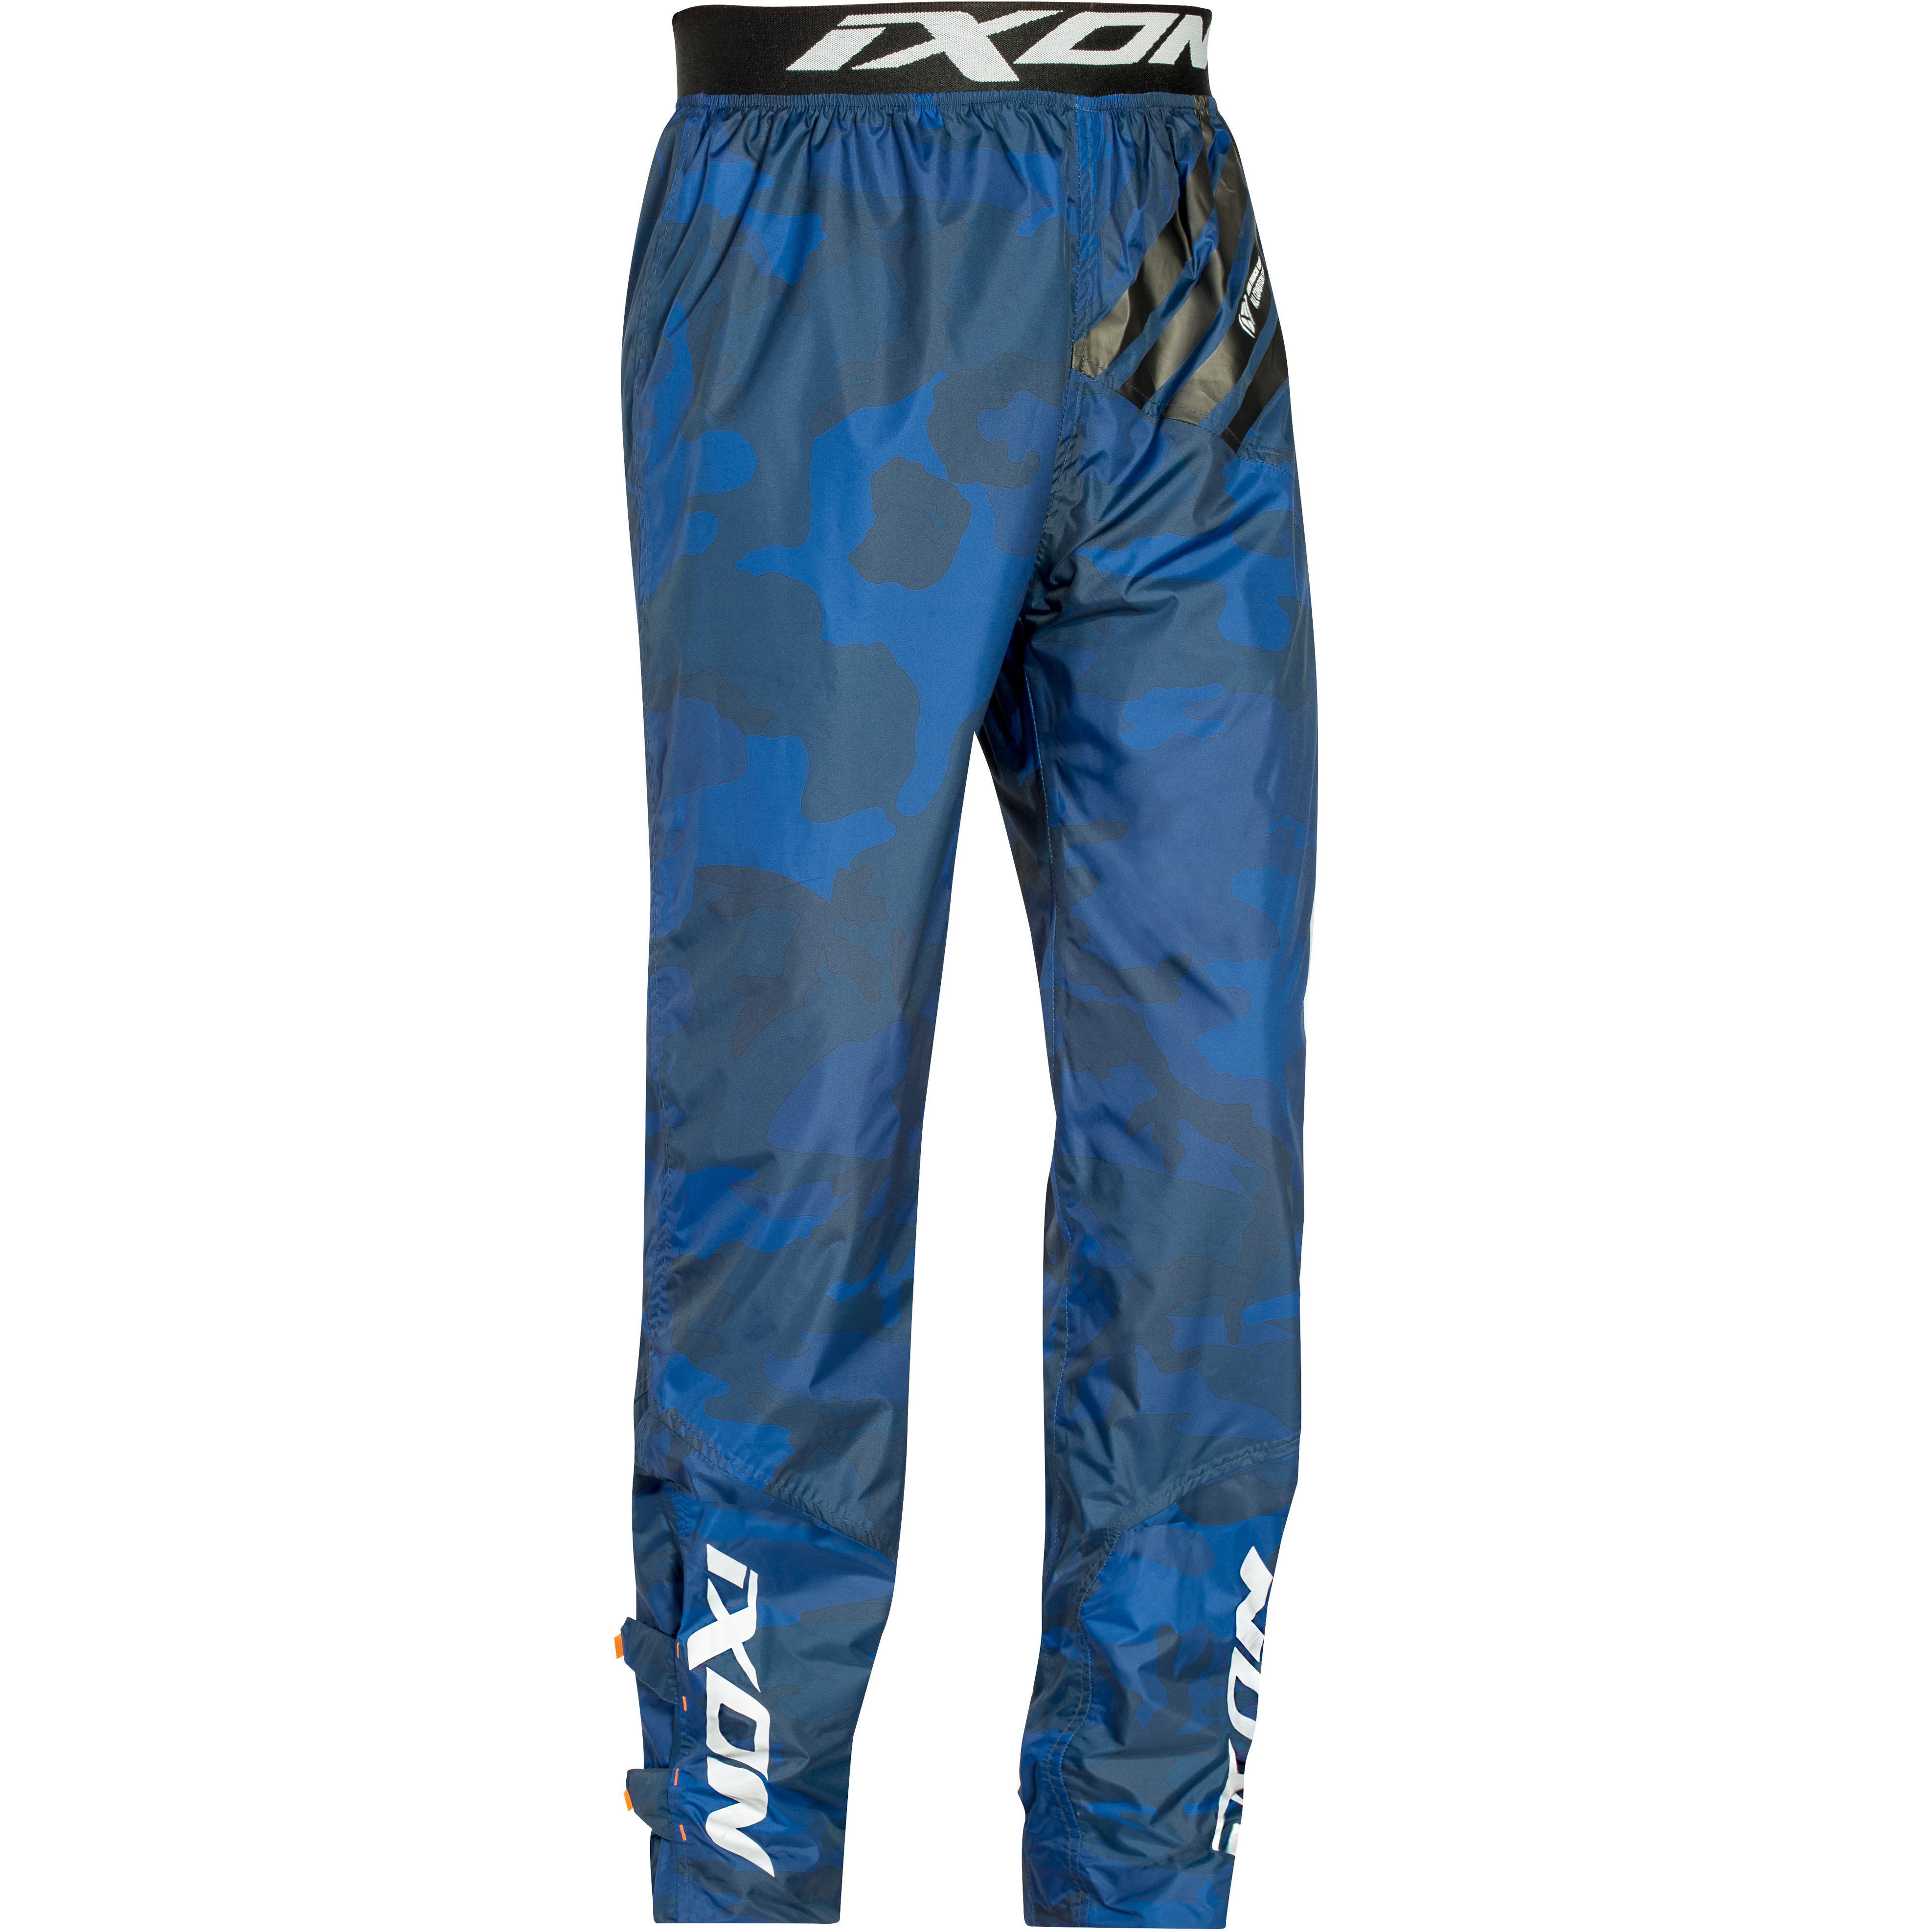 Taille-3XL 1 Grande Poche Pantalon de Pluie Rain Pants One Coutures /Étanches RIDER-TEC